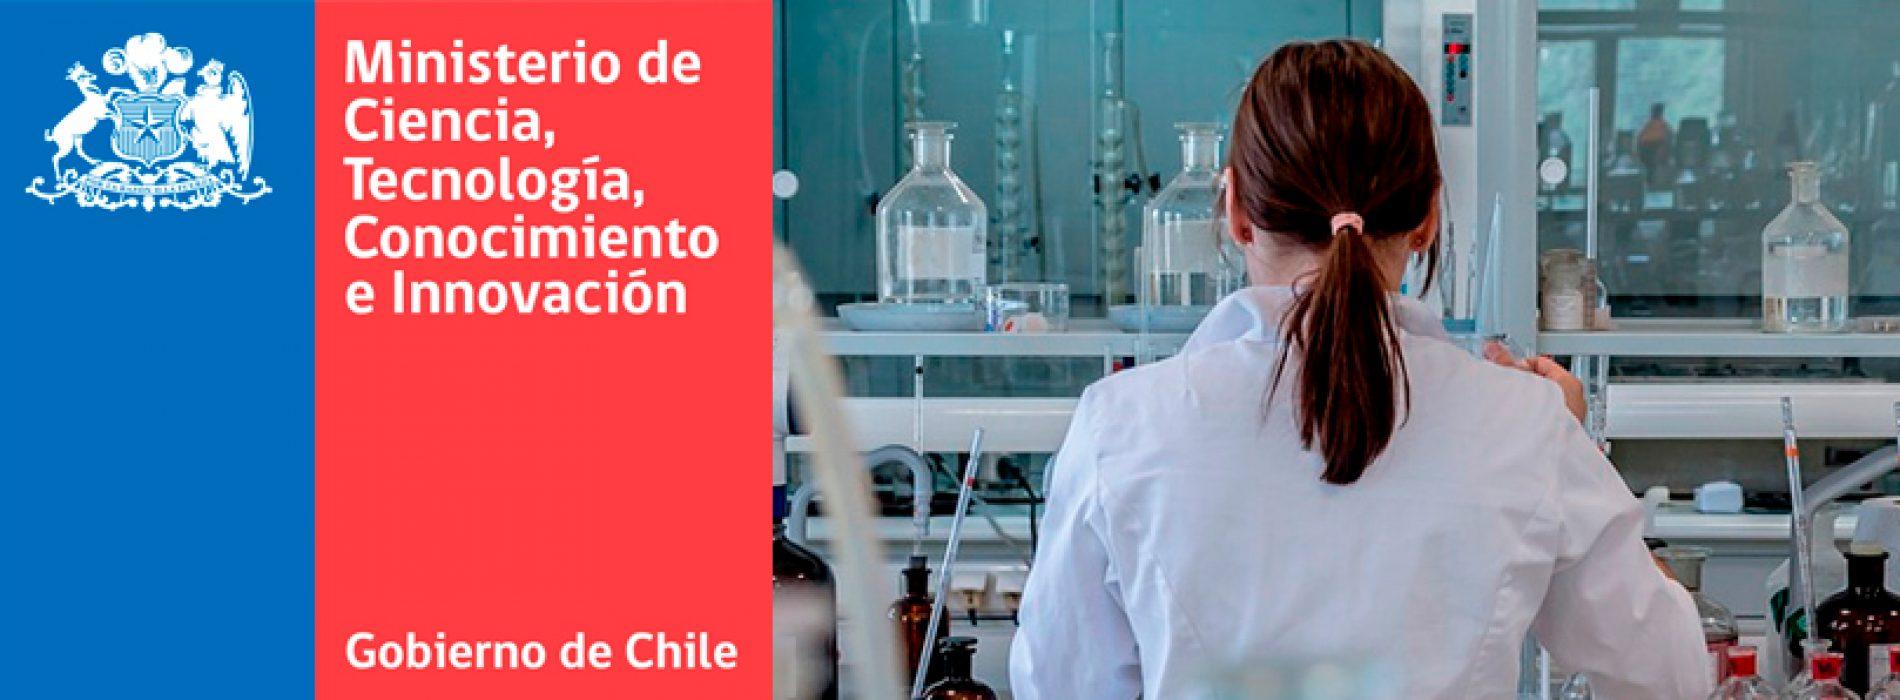 Llamado a completar Catálogo de Profesionales en el área de la Bioquímica – Ministerio de Ciencia, Tecnología, Conocimiento e Innovación